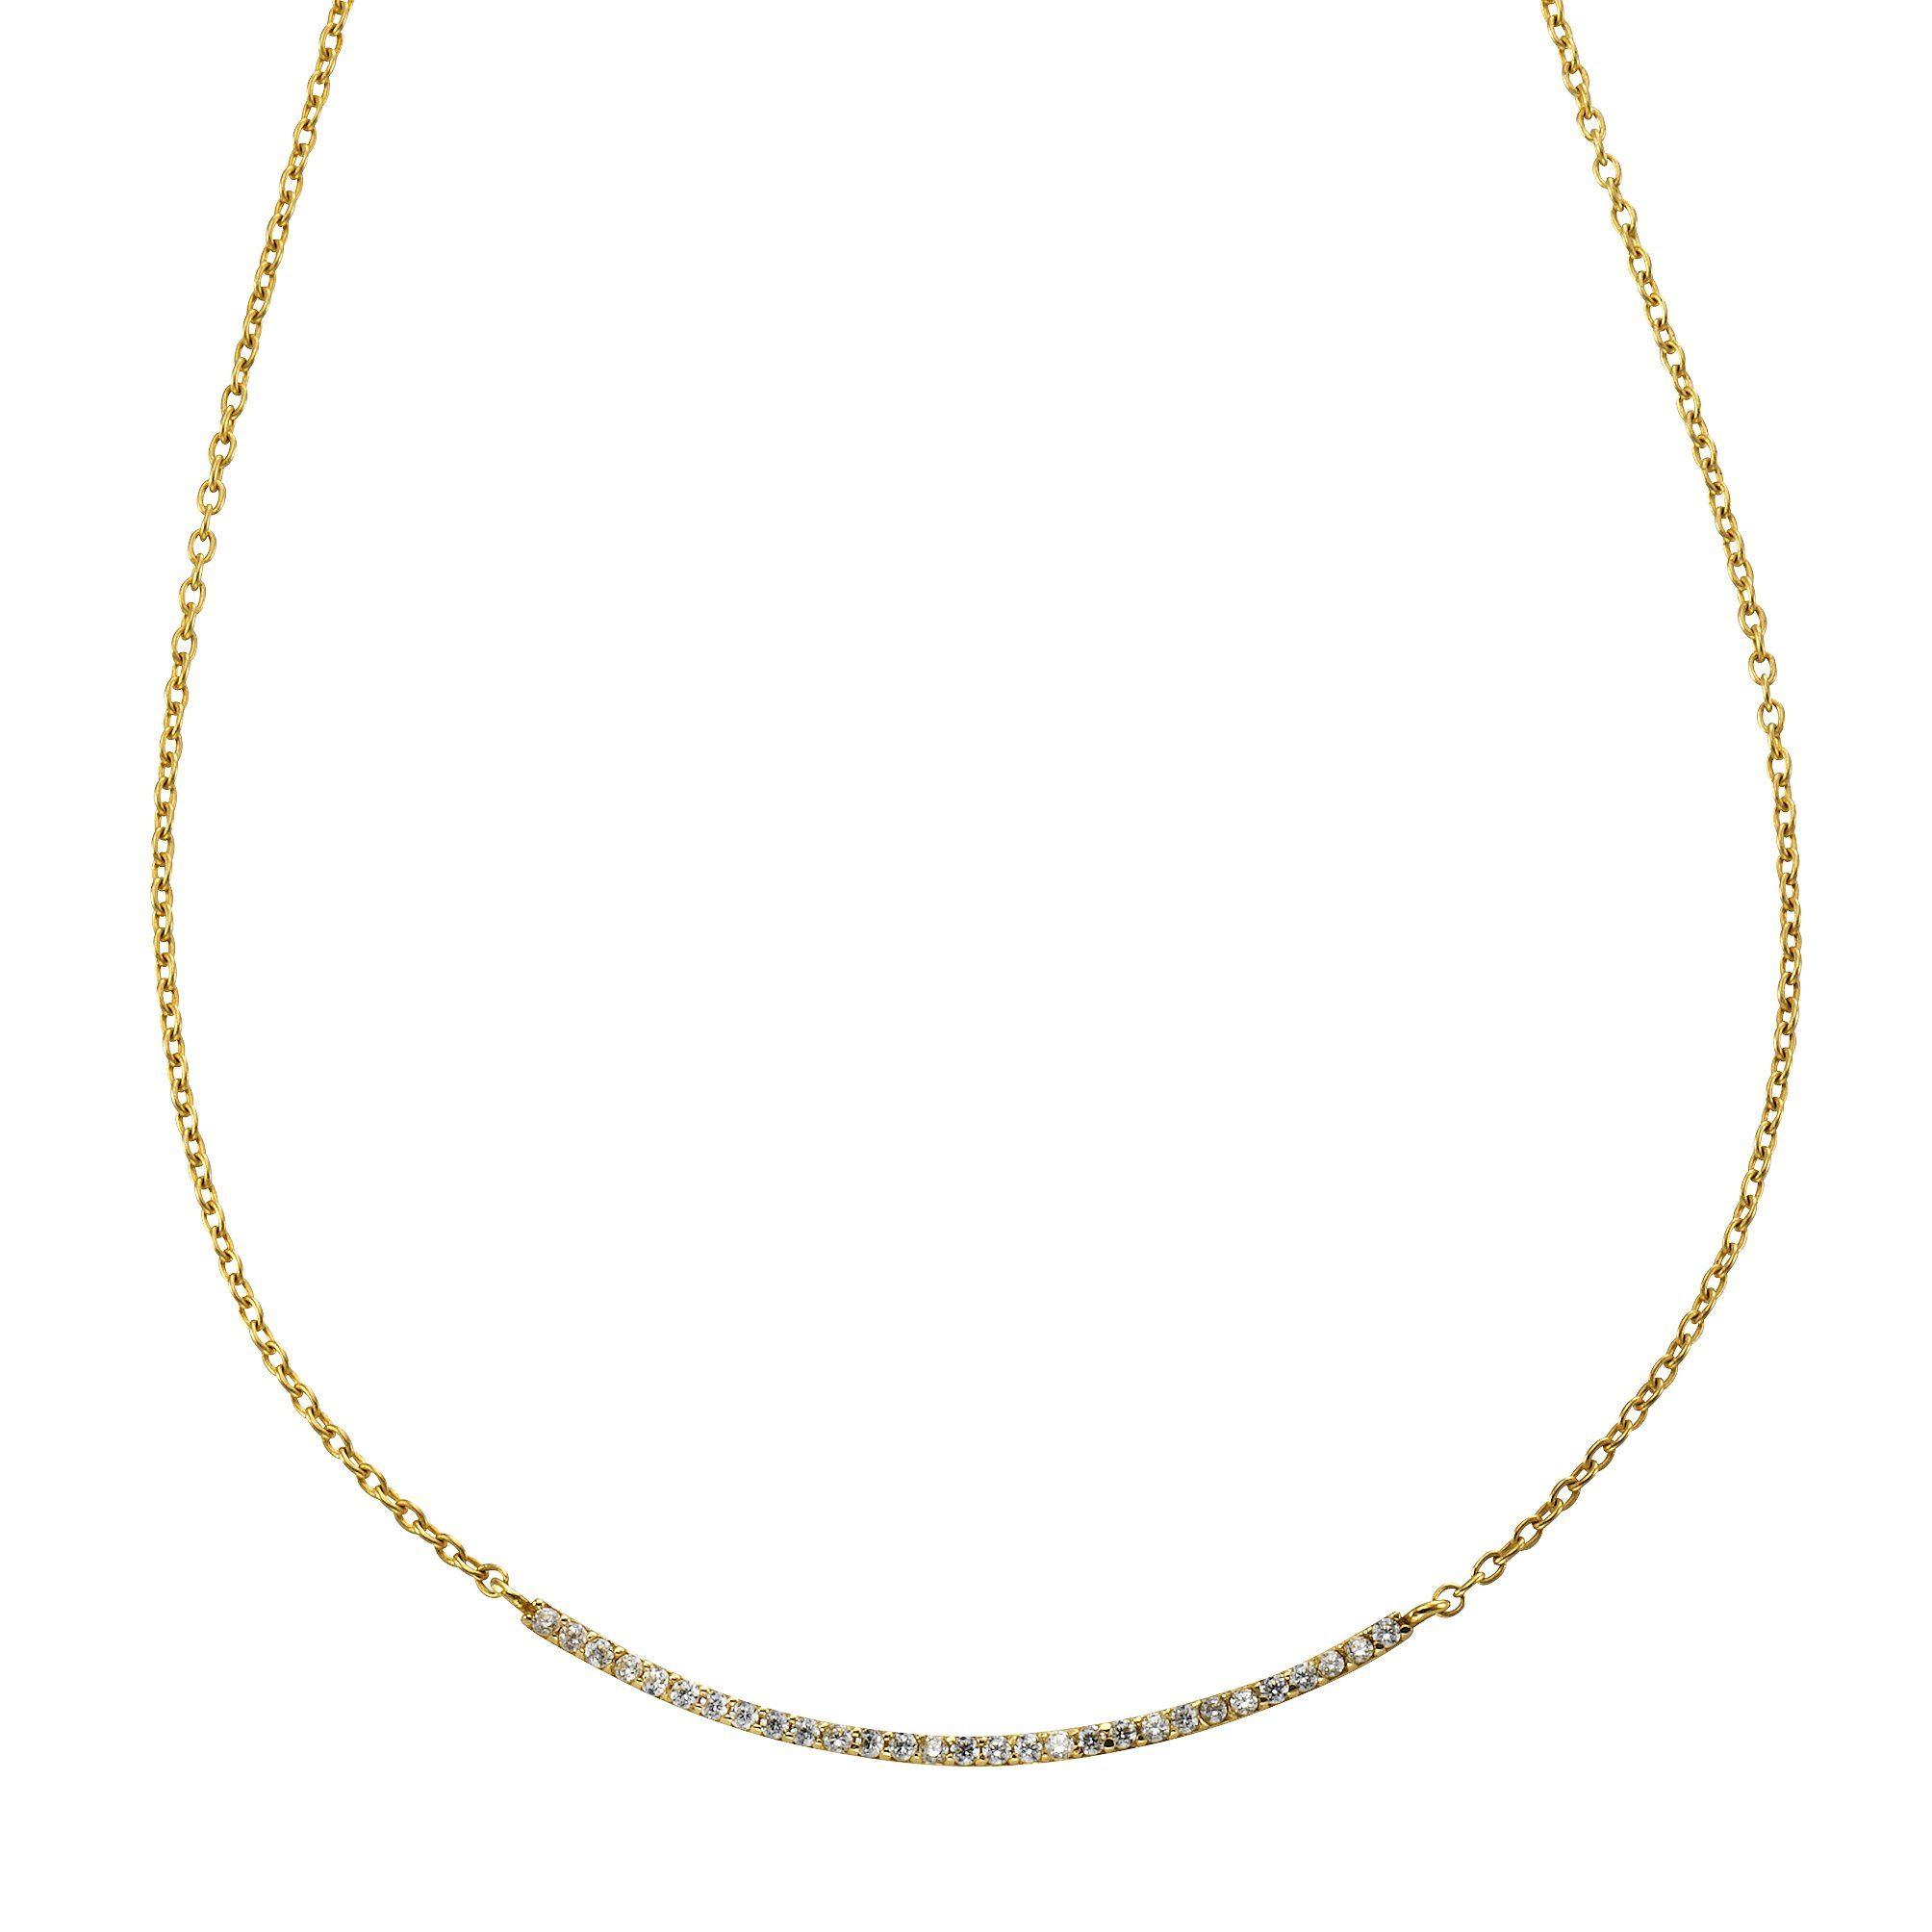 CELESTA Collier »375/- Gelbgold Zirkonia«